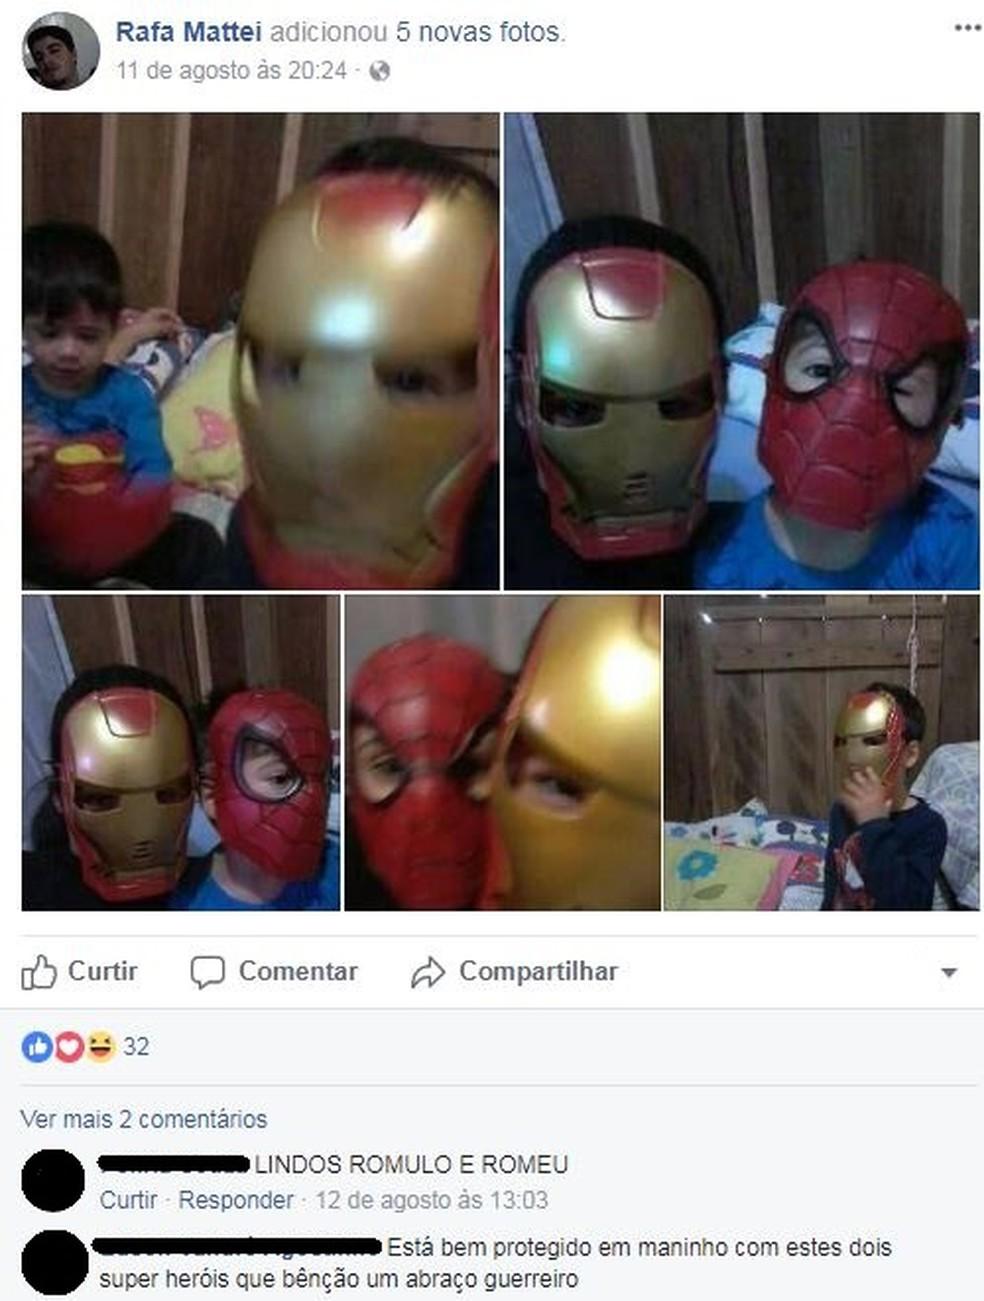 Uma das últimas postagens de Rafael tinha fotos dos filhos (Foto: Reprodução/Facebook)